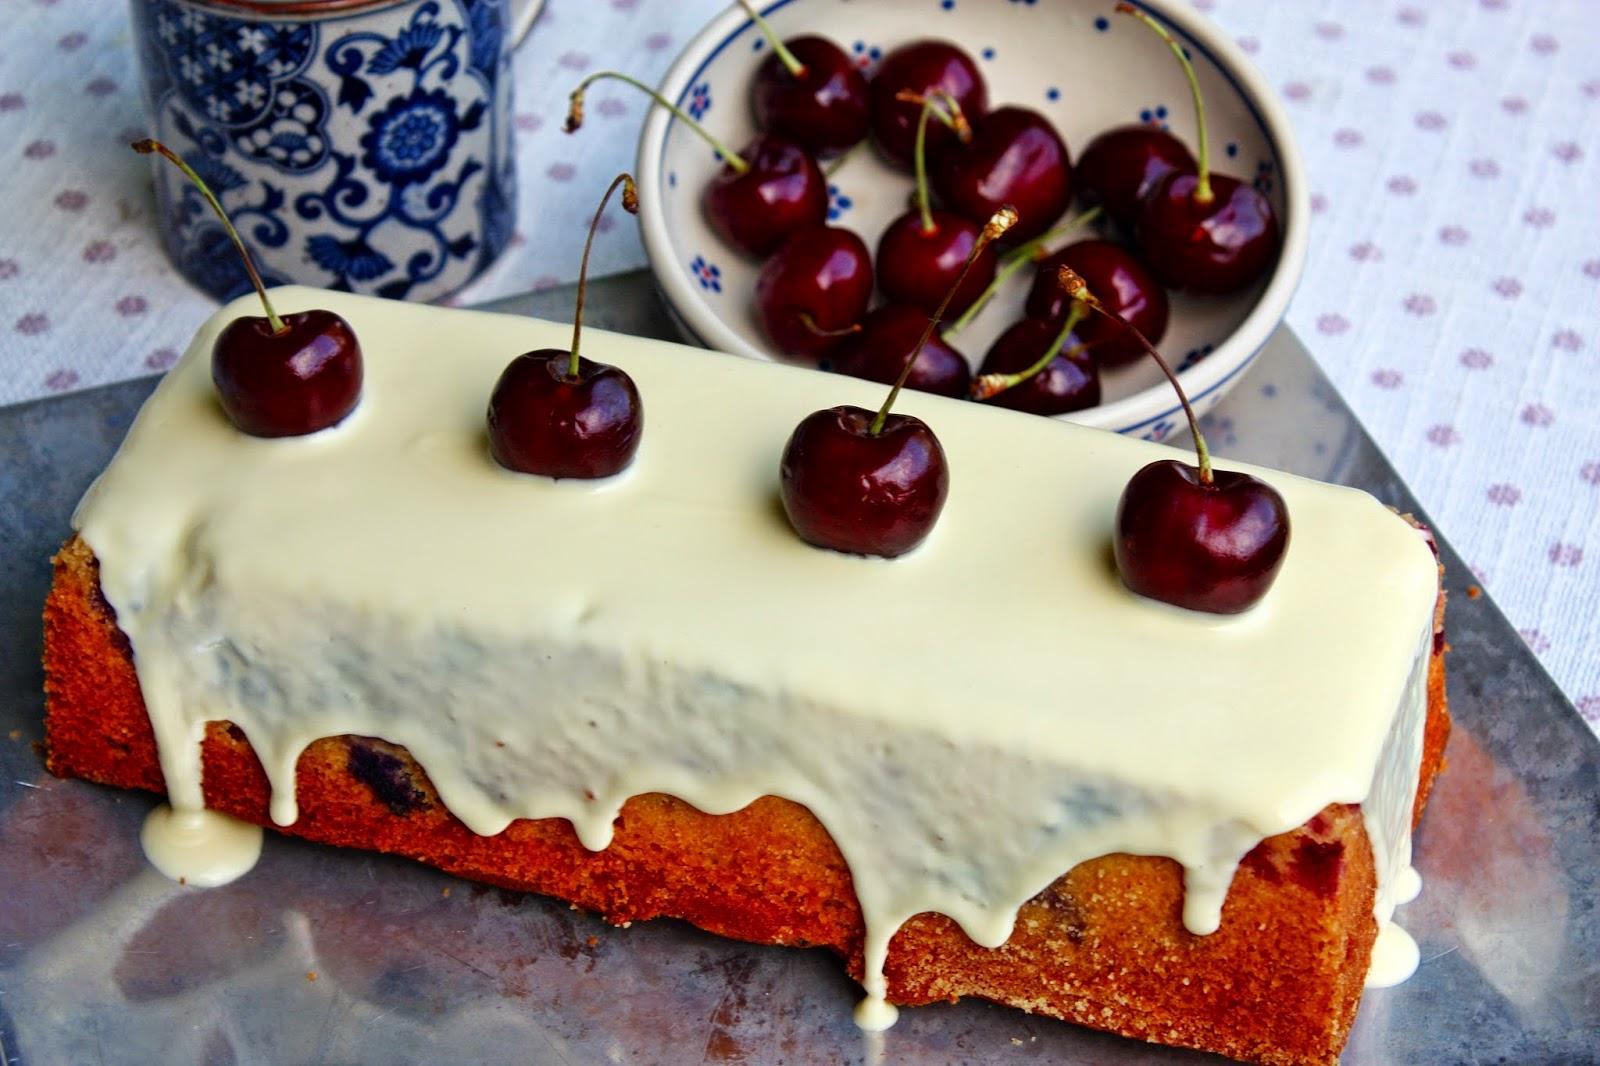 Vanille Apfel Kuchen Mit Joghurt Lc Nur Ca 150 Kc